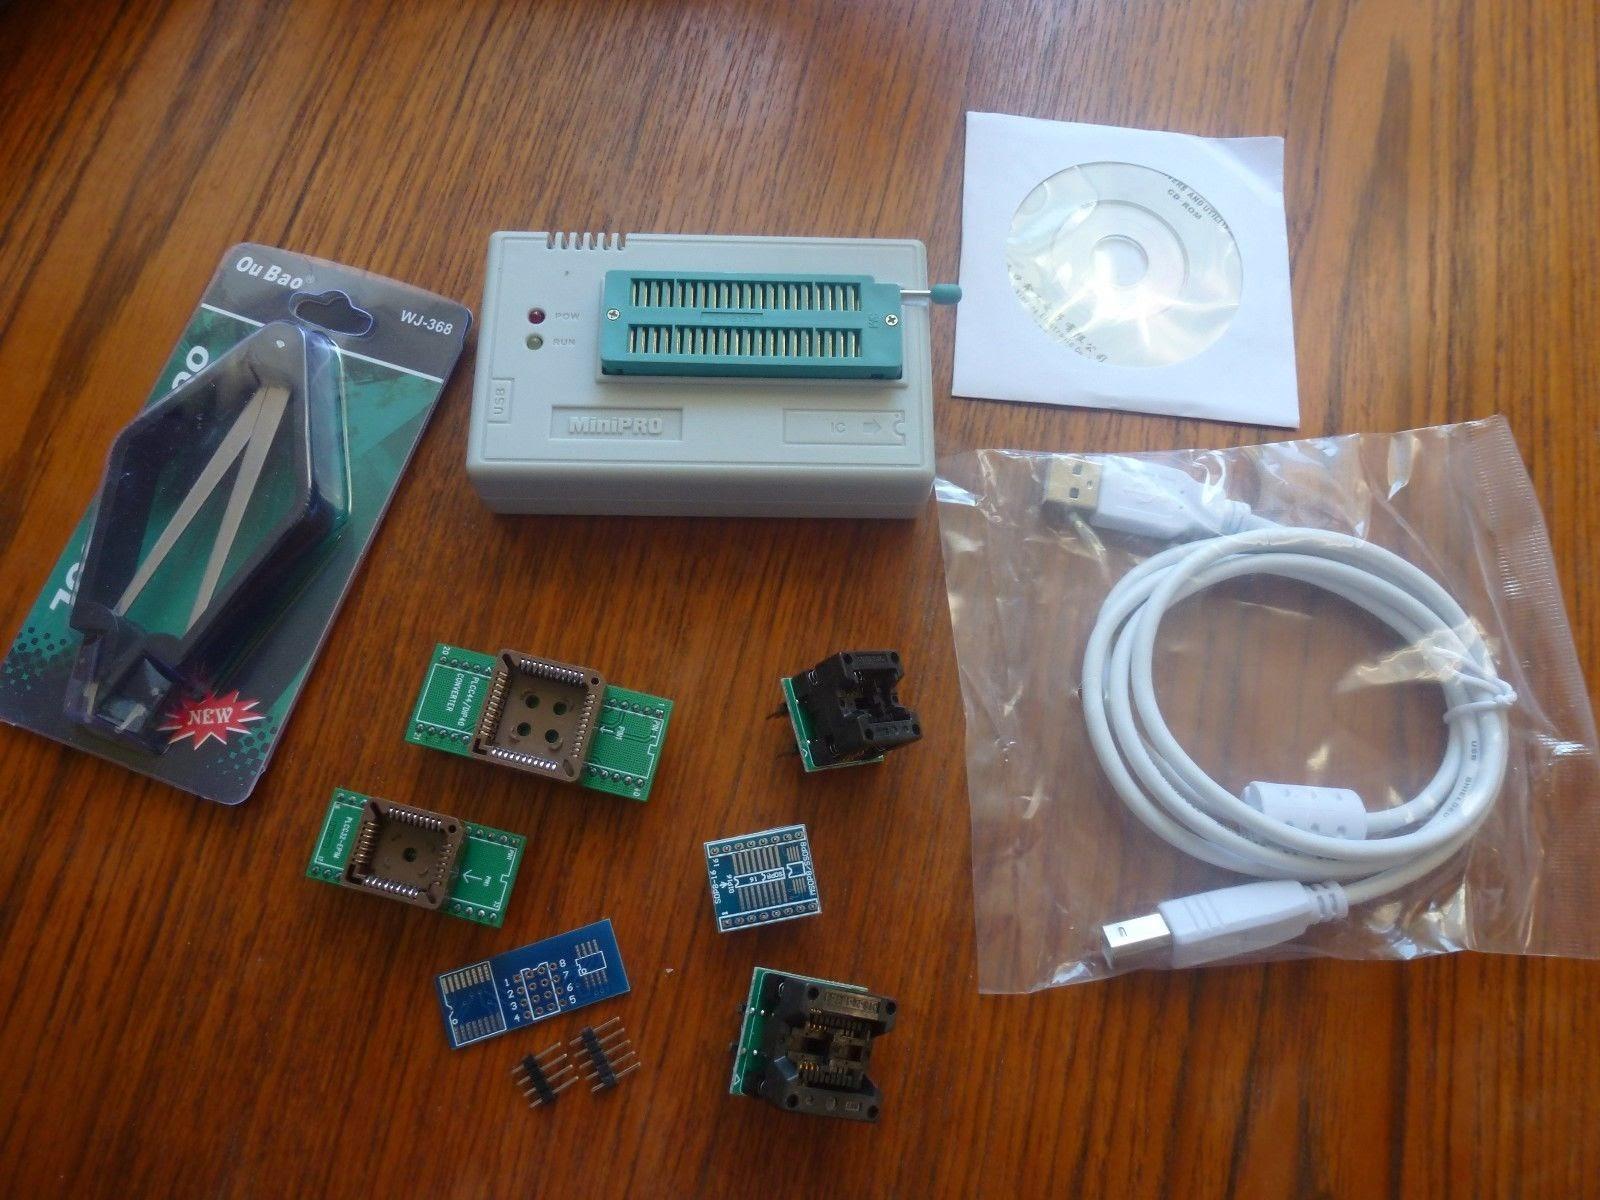 Flash bios chip eprom eeprom - Toolsteknik